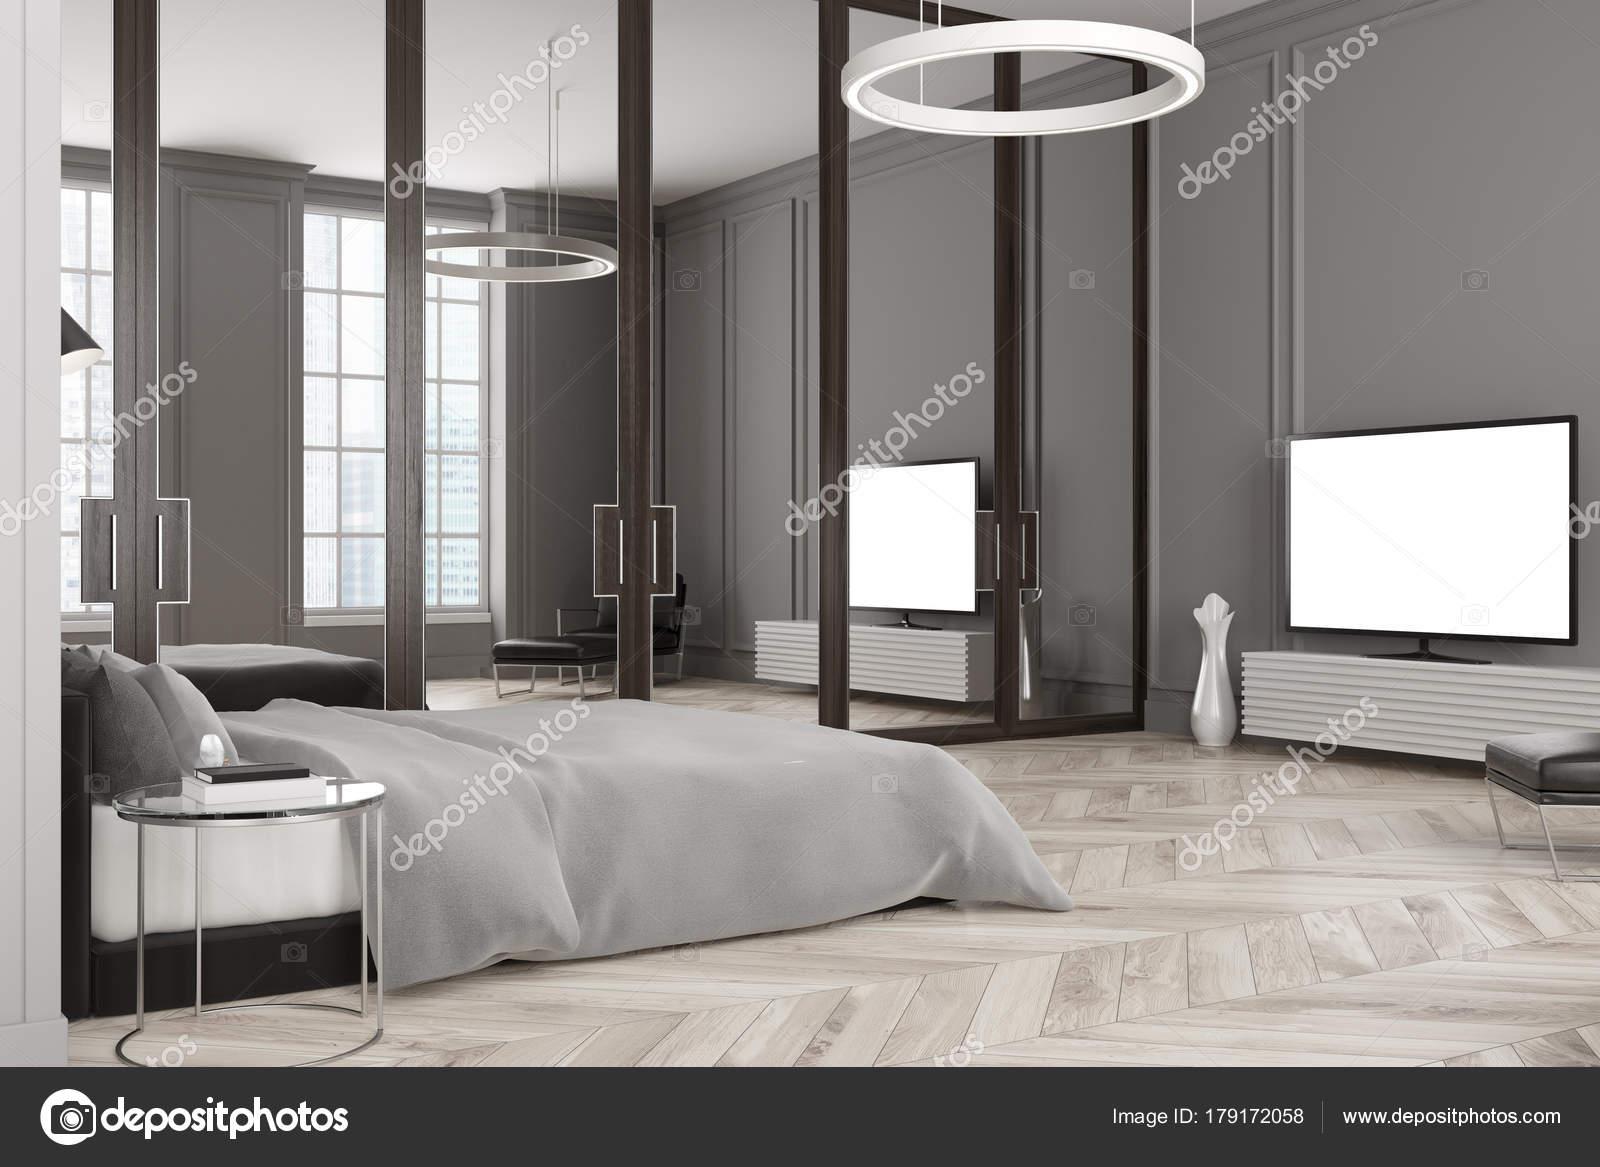 Slaapkamer Interieur Grijs : Grijze slaapkamer interieur tv instellen u stockfoto